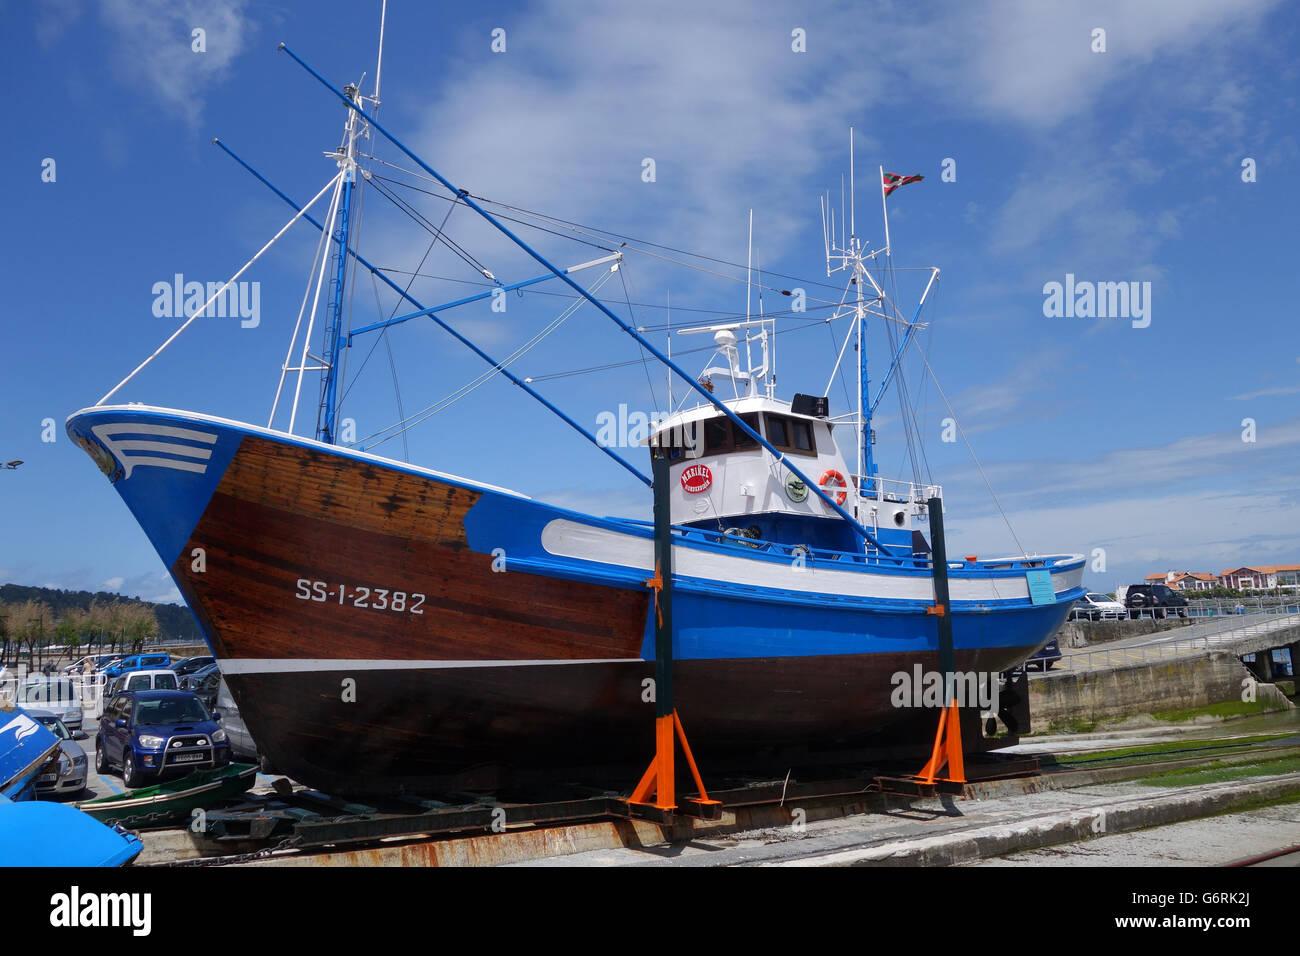 Tuna fishing boat vessel ship in dry dock in Hondarribia in Gipuzkoa, Basque Country, Spain - Stock Image